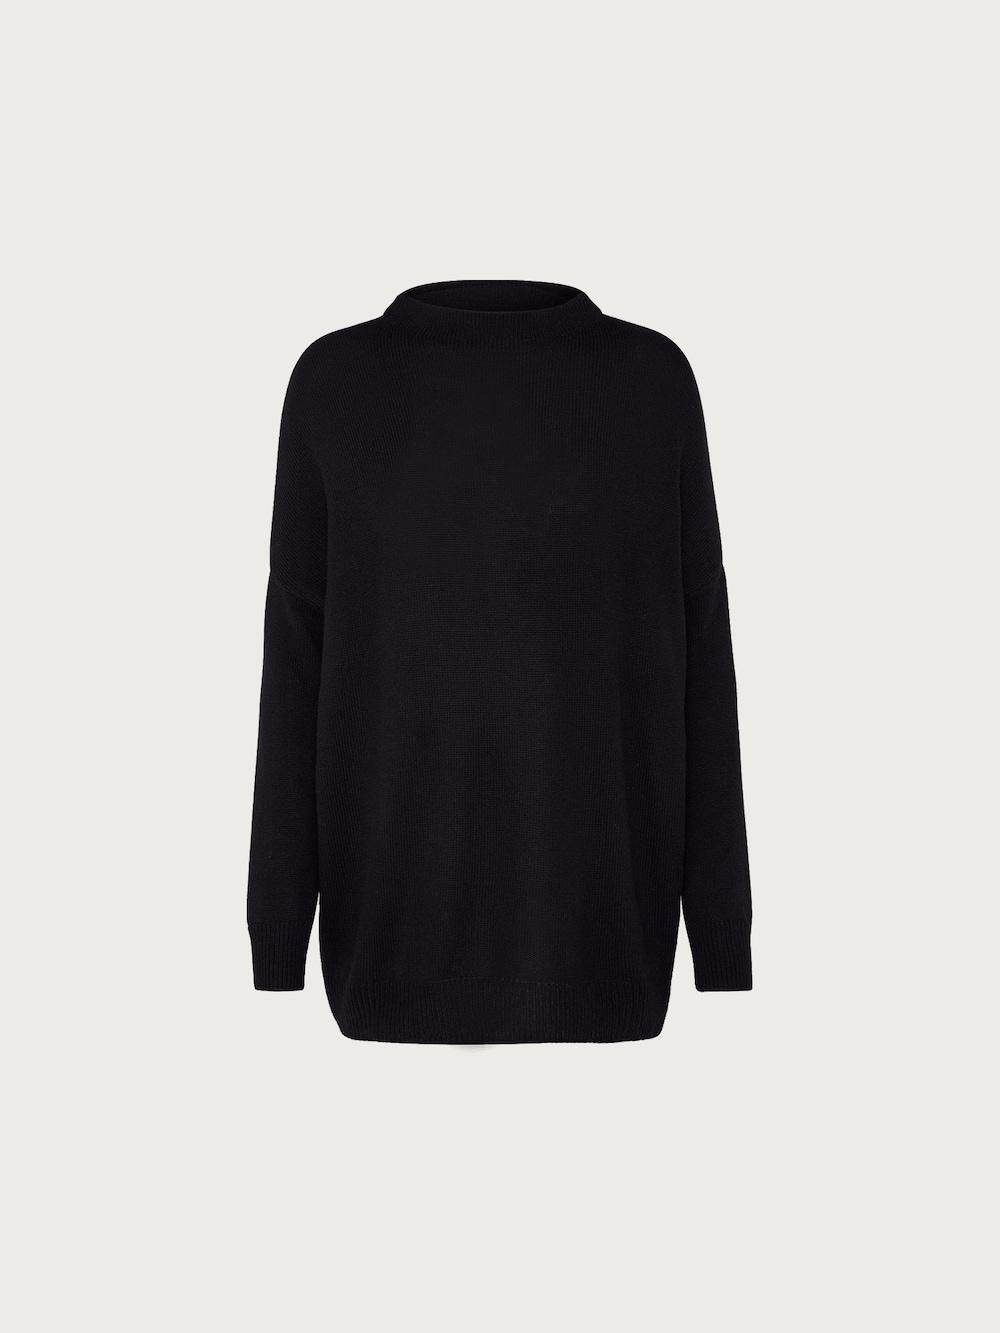 Artikel klicken und genauer betrachten! - Pullover mit Wollanteil von EDITED the label. Super als Basicteil in deinem Kleiderschrank! Der Stehkragen und die überschnittenen Schultern machen dieses Teil besonders. | im Online Shop kaufen